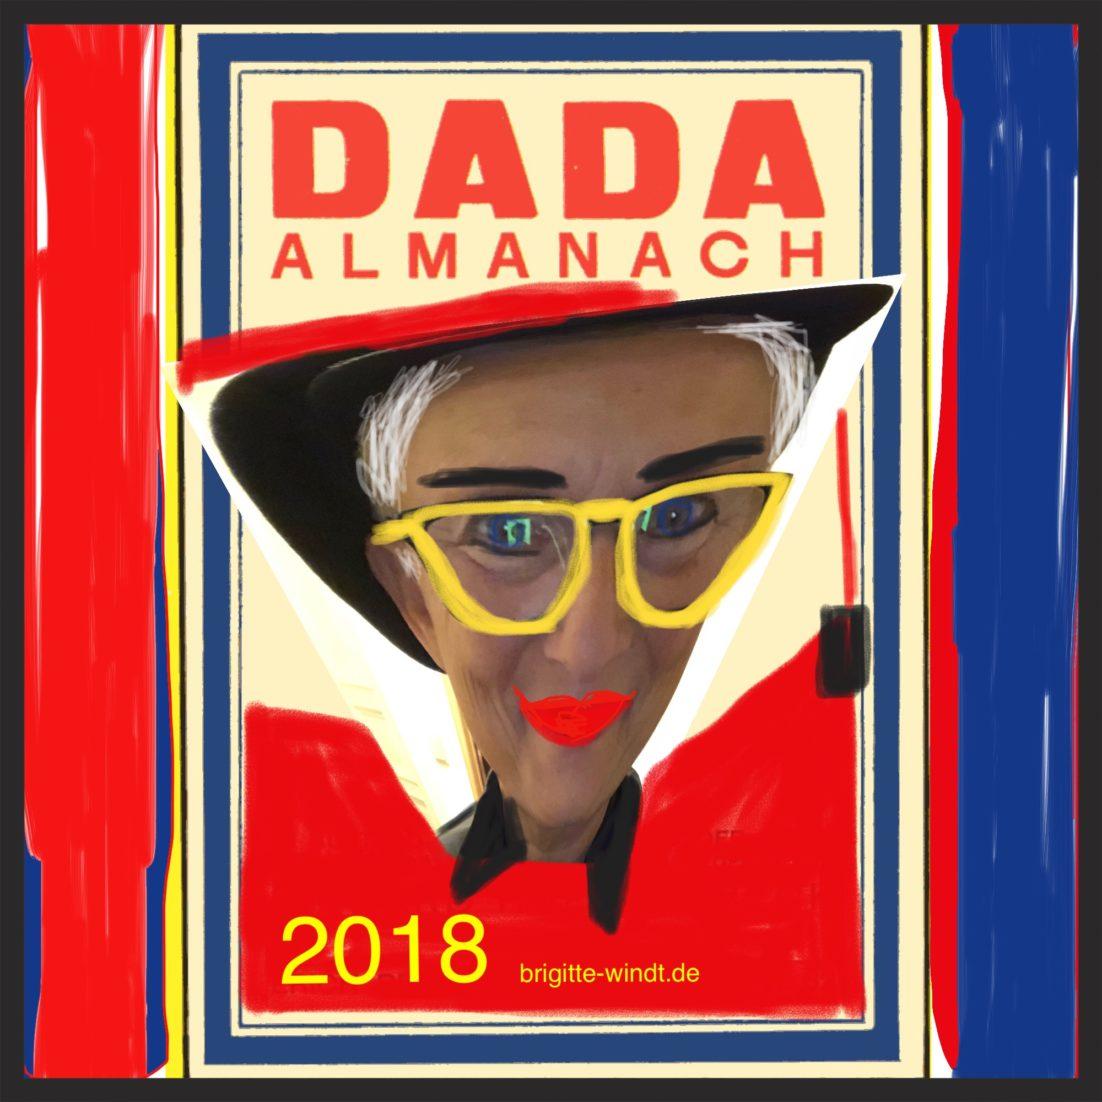 HUEL | SEN | BAG Brigitte Windt. Plakat DADA Almanach 2018 mit verzerrtem Selbstporträt und knallgelber Brille.